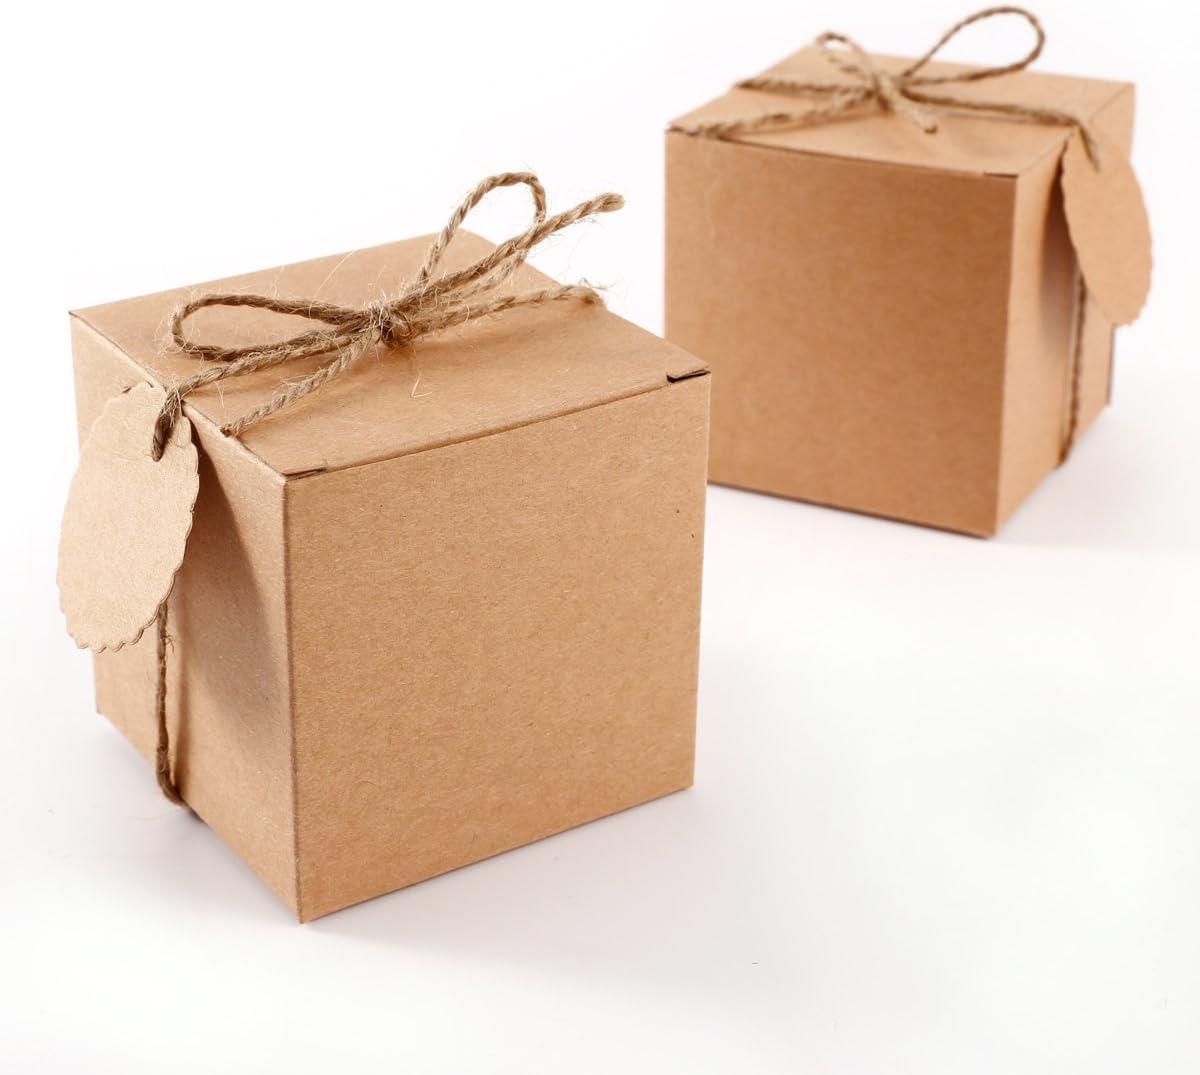 SurePromise One Stop Solution for Sourcing 50 St/ück Kraftpapier Geschenkbox 7x7x7cm Geschenkschachtel Geschenkverpackung Gastgeschenk mit Geschenkanh/änger Gift Tags Papieretiketten Hochzeit Tischdeko